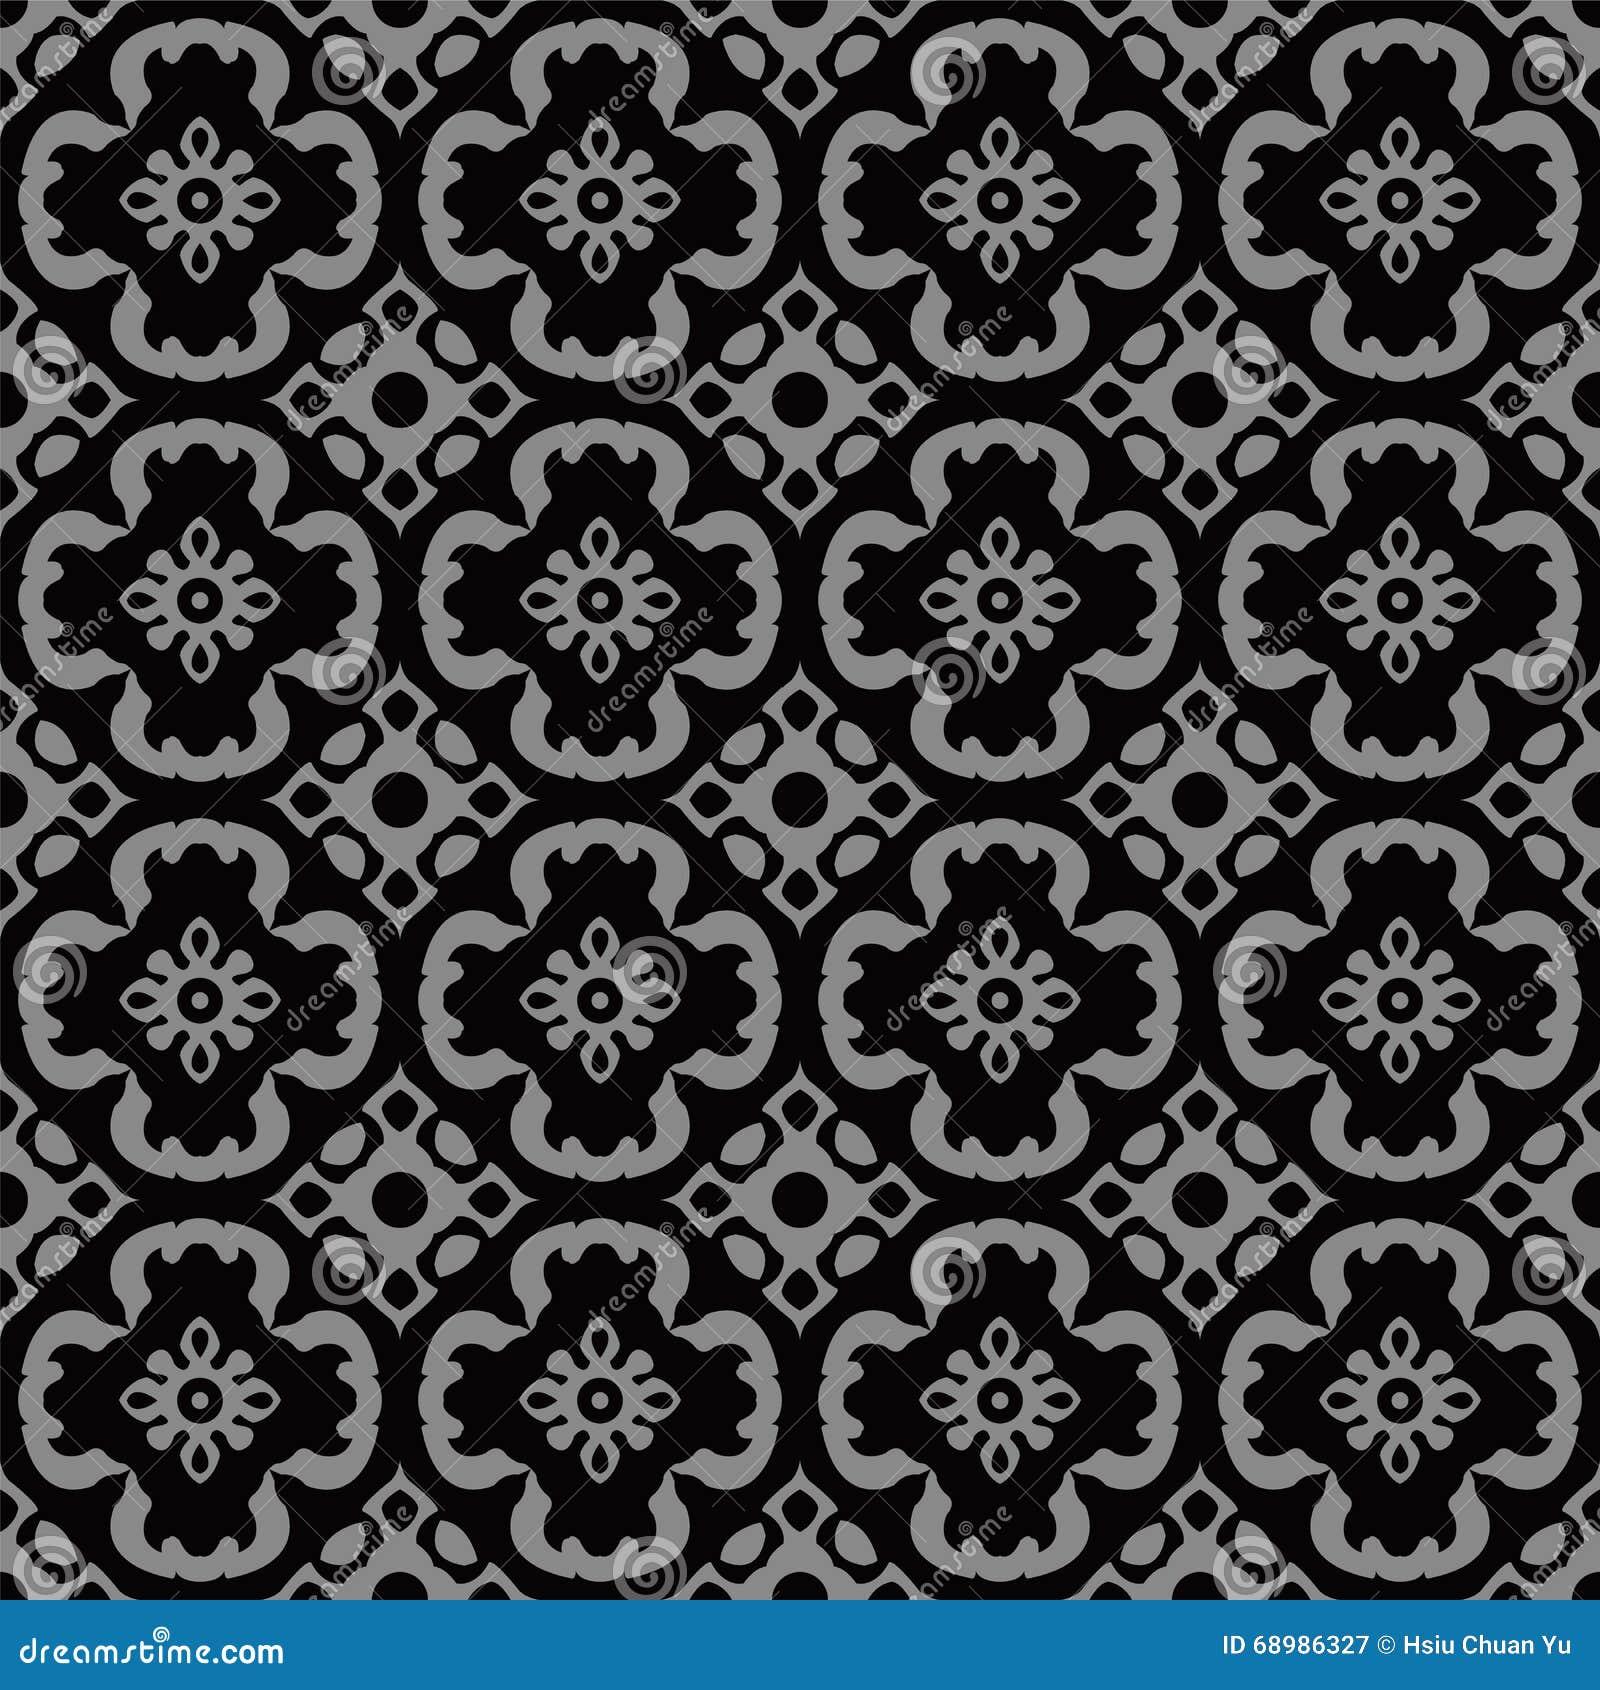 Imagen de fondo antigua oscura elegante de la geometría redonda de la flor de la curva